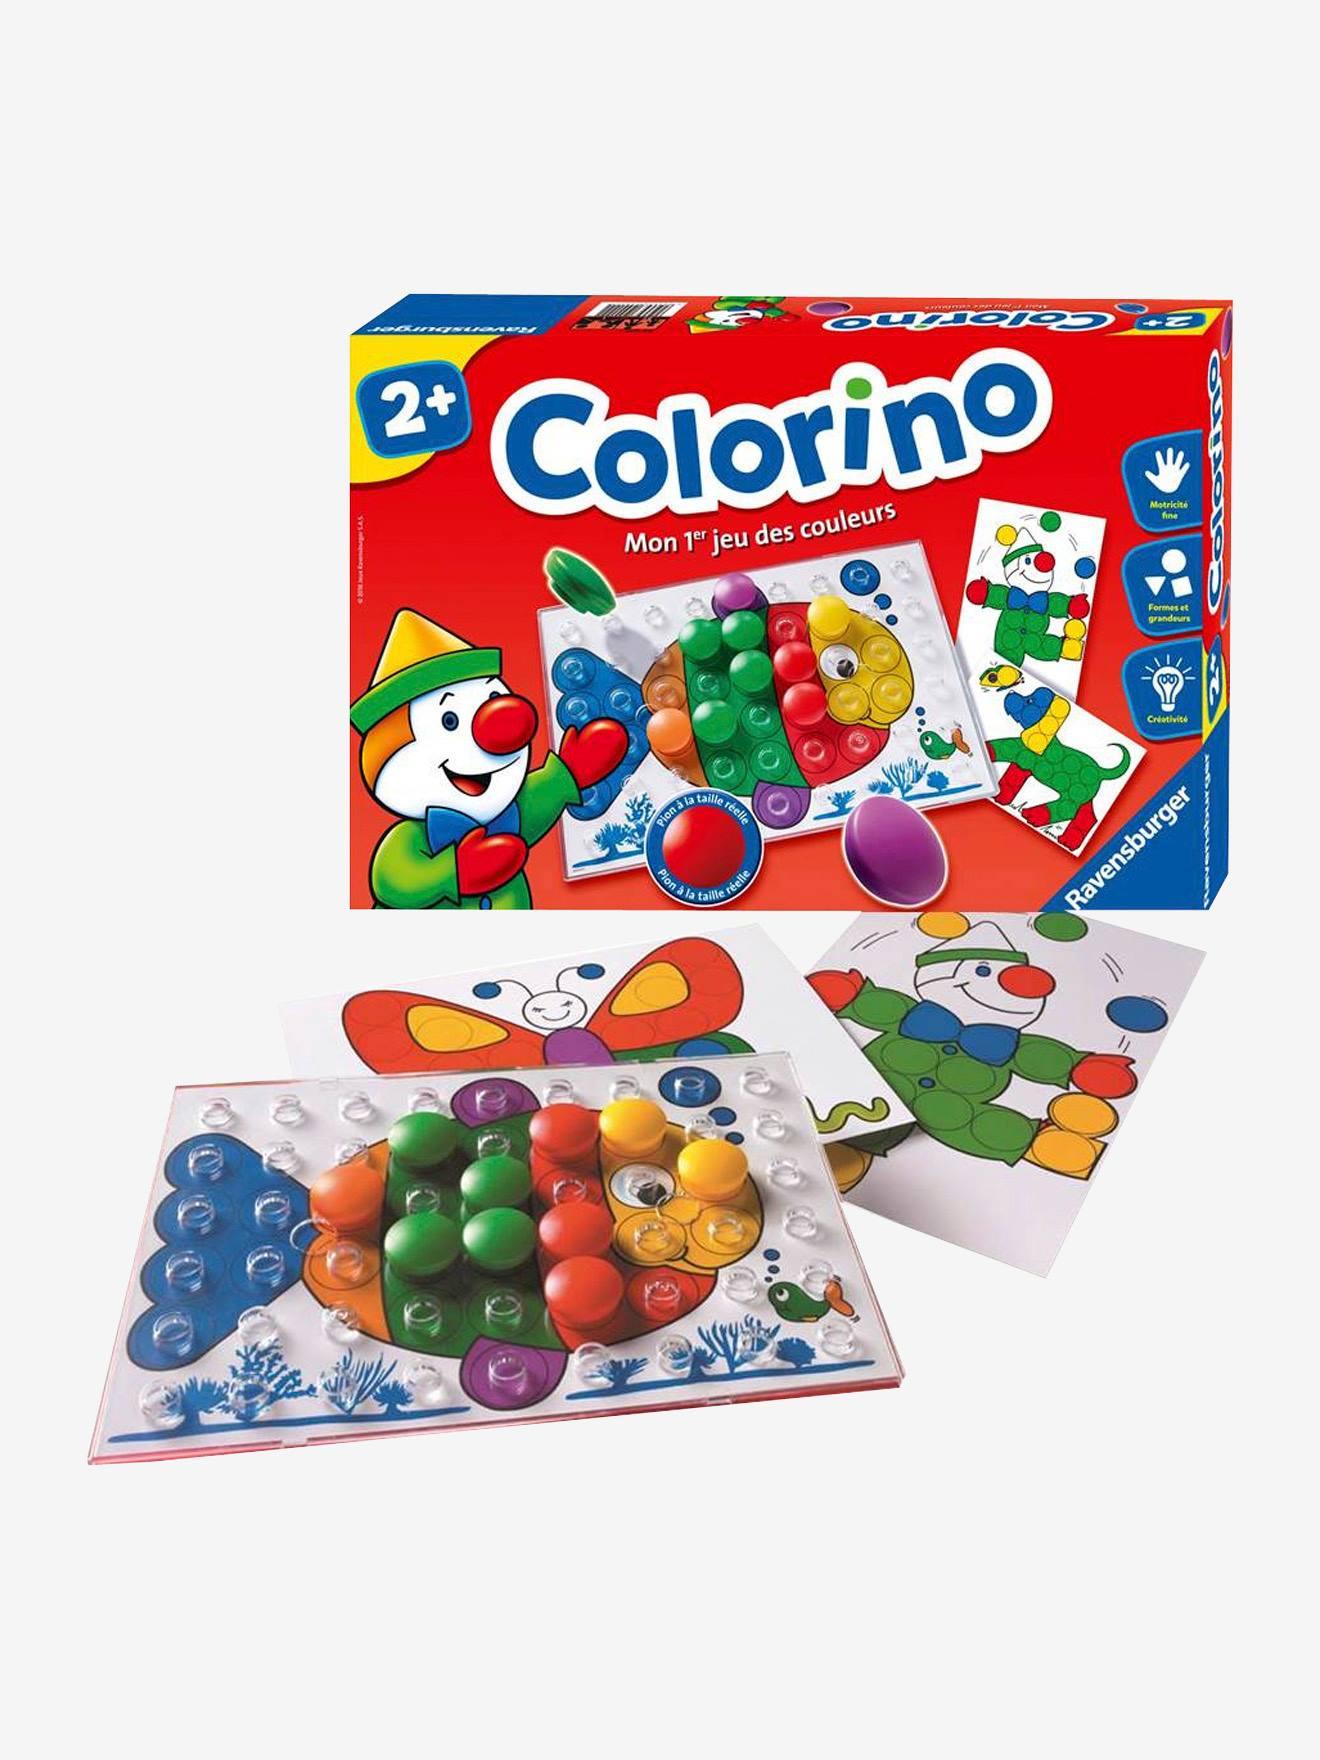 Colorino Panneau À Boutons - Ravensburger destiné Jeux Educatif Maternelle Moyenne Section